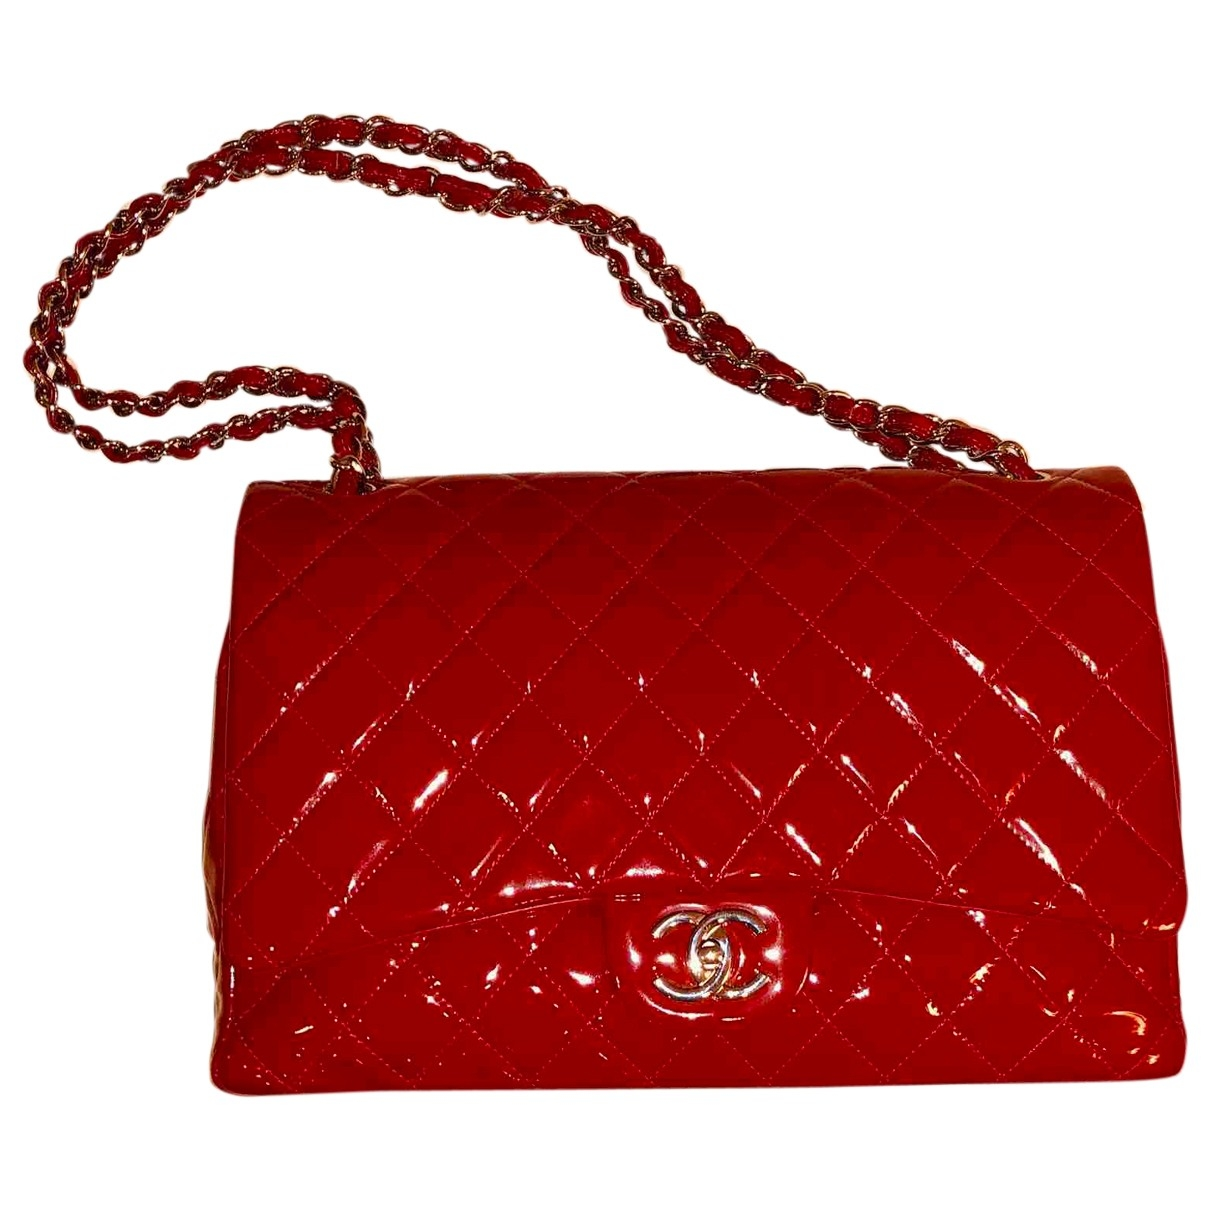 Chanel - Sac a main Timeless/Classique pour femme en cuir verni - rouge